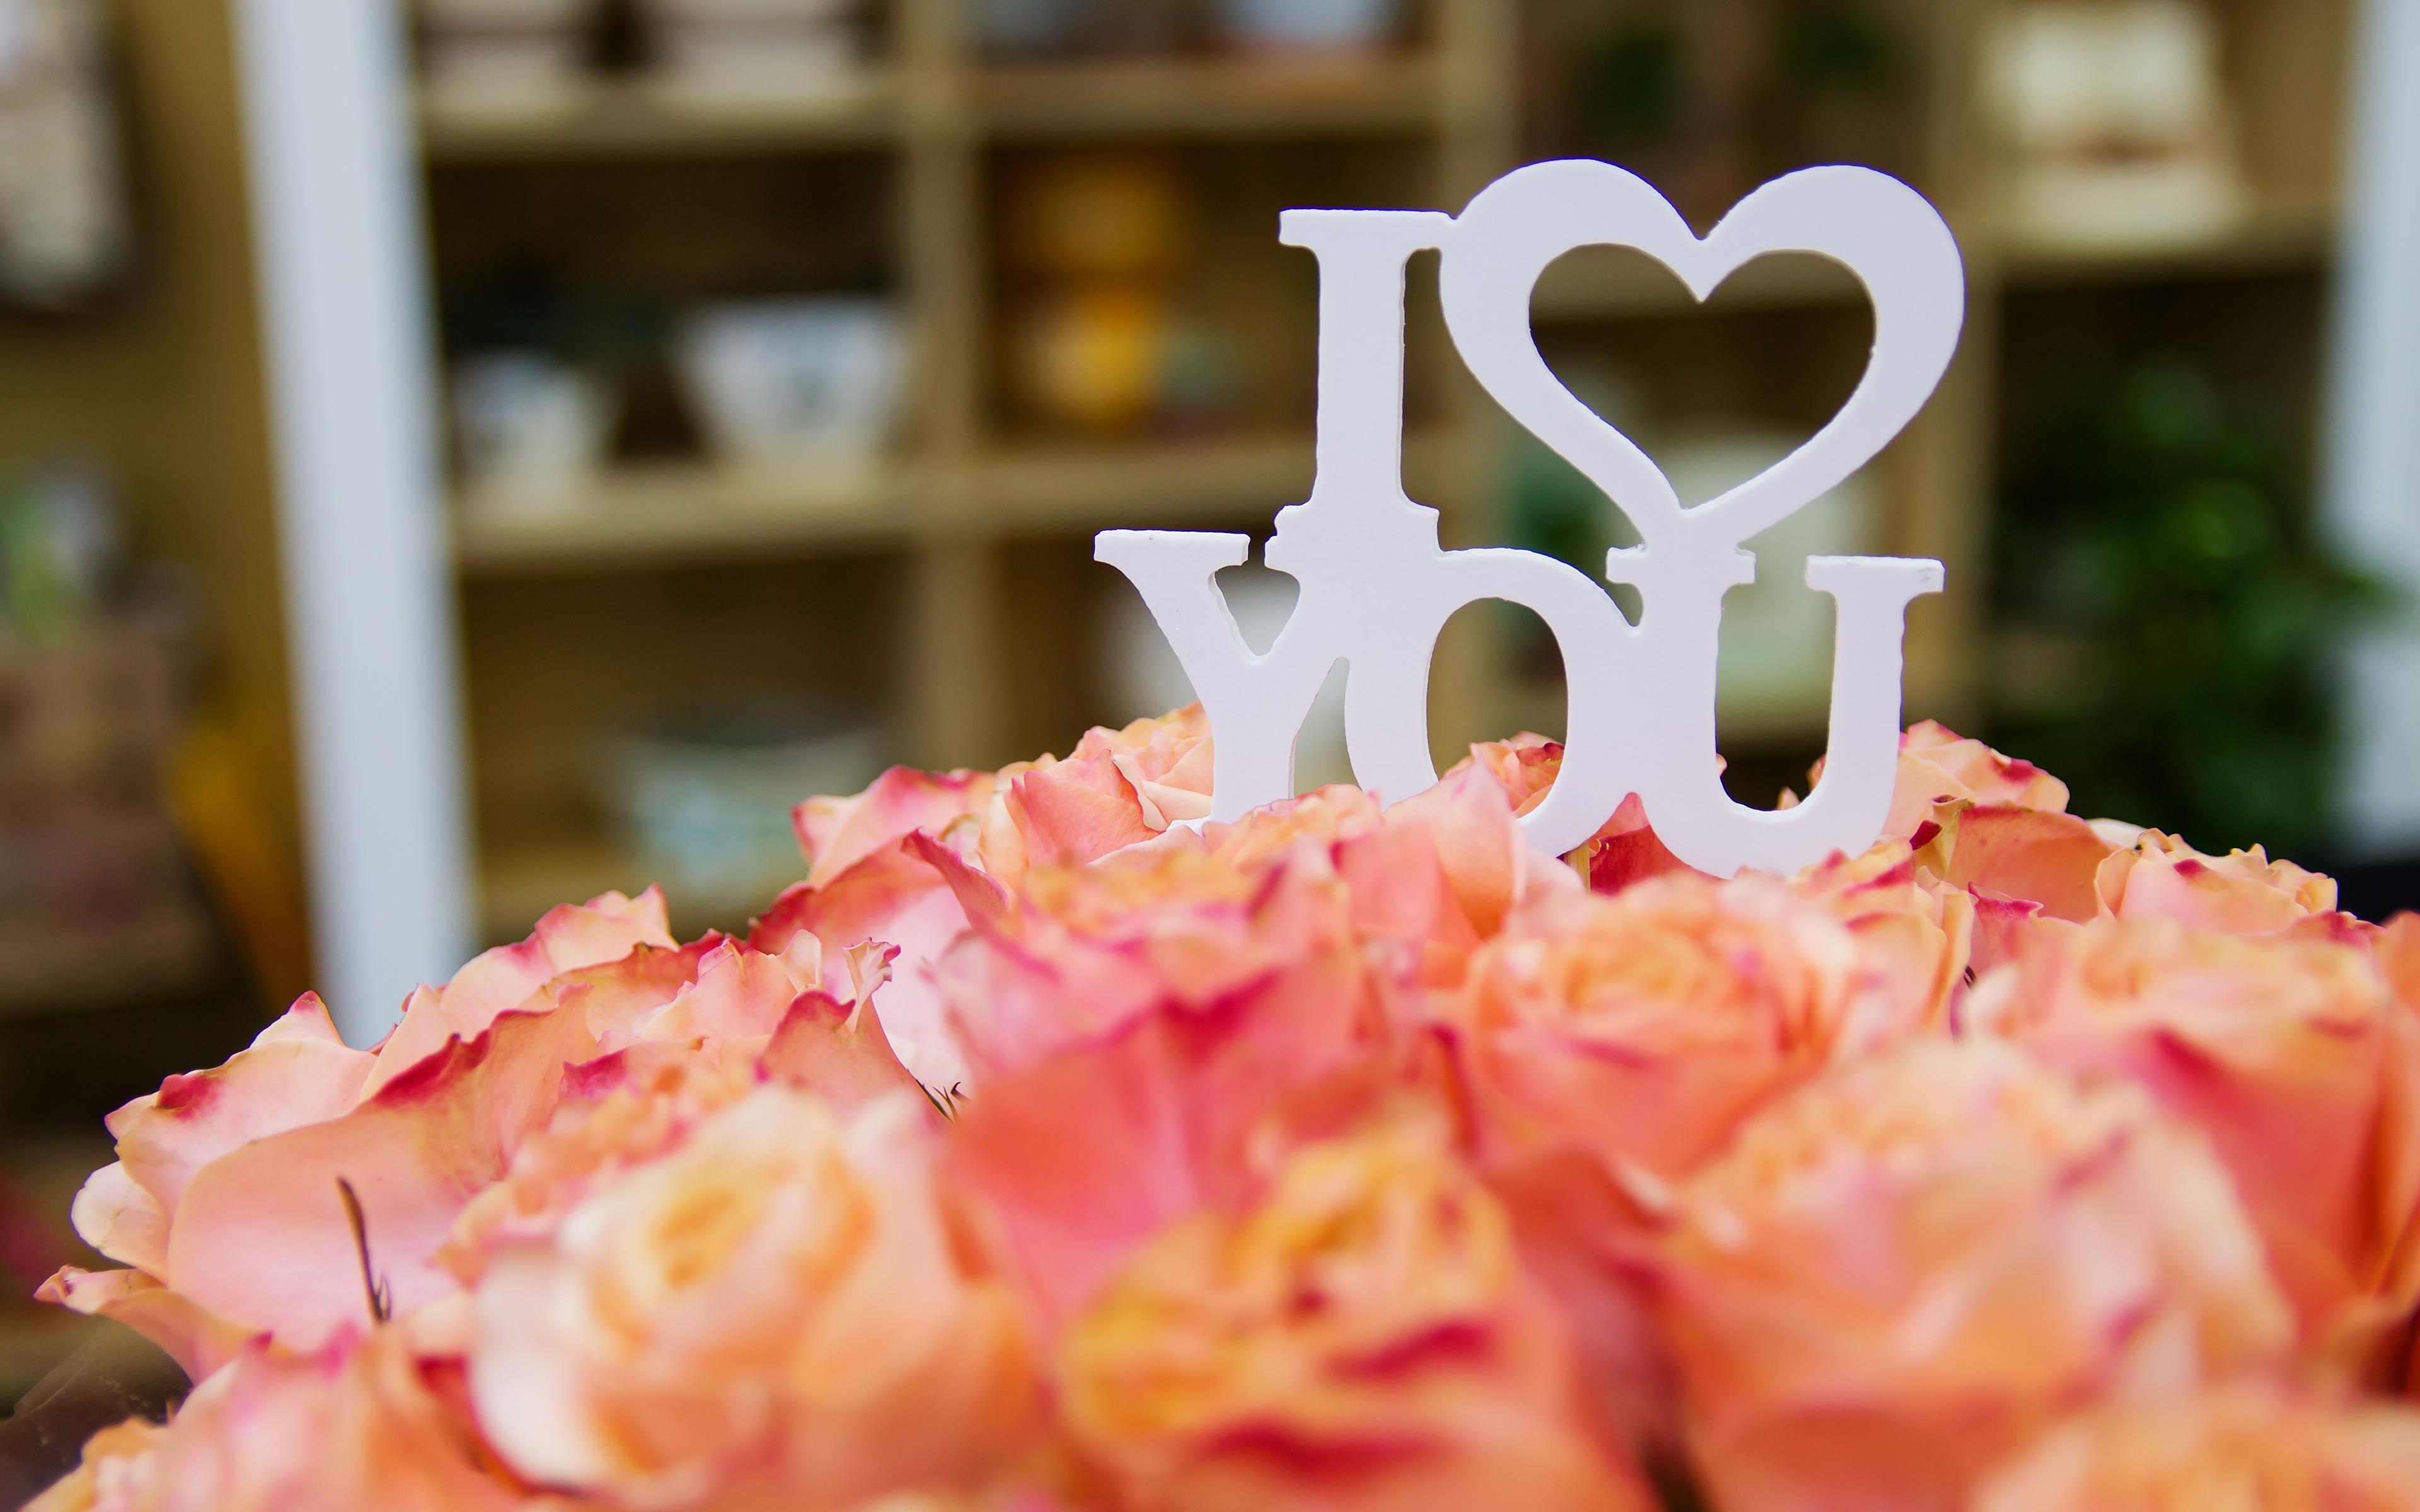 Mazzo Di Fiori Un Inglese.Immagine Festa Di San Valentino Inglese Cuore Bokeh Mazzo 3840x2400